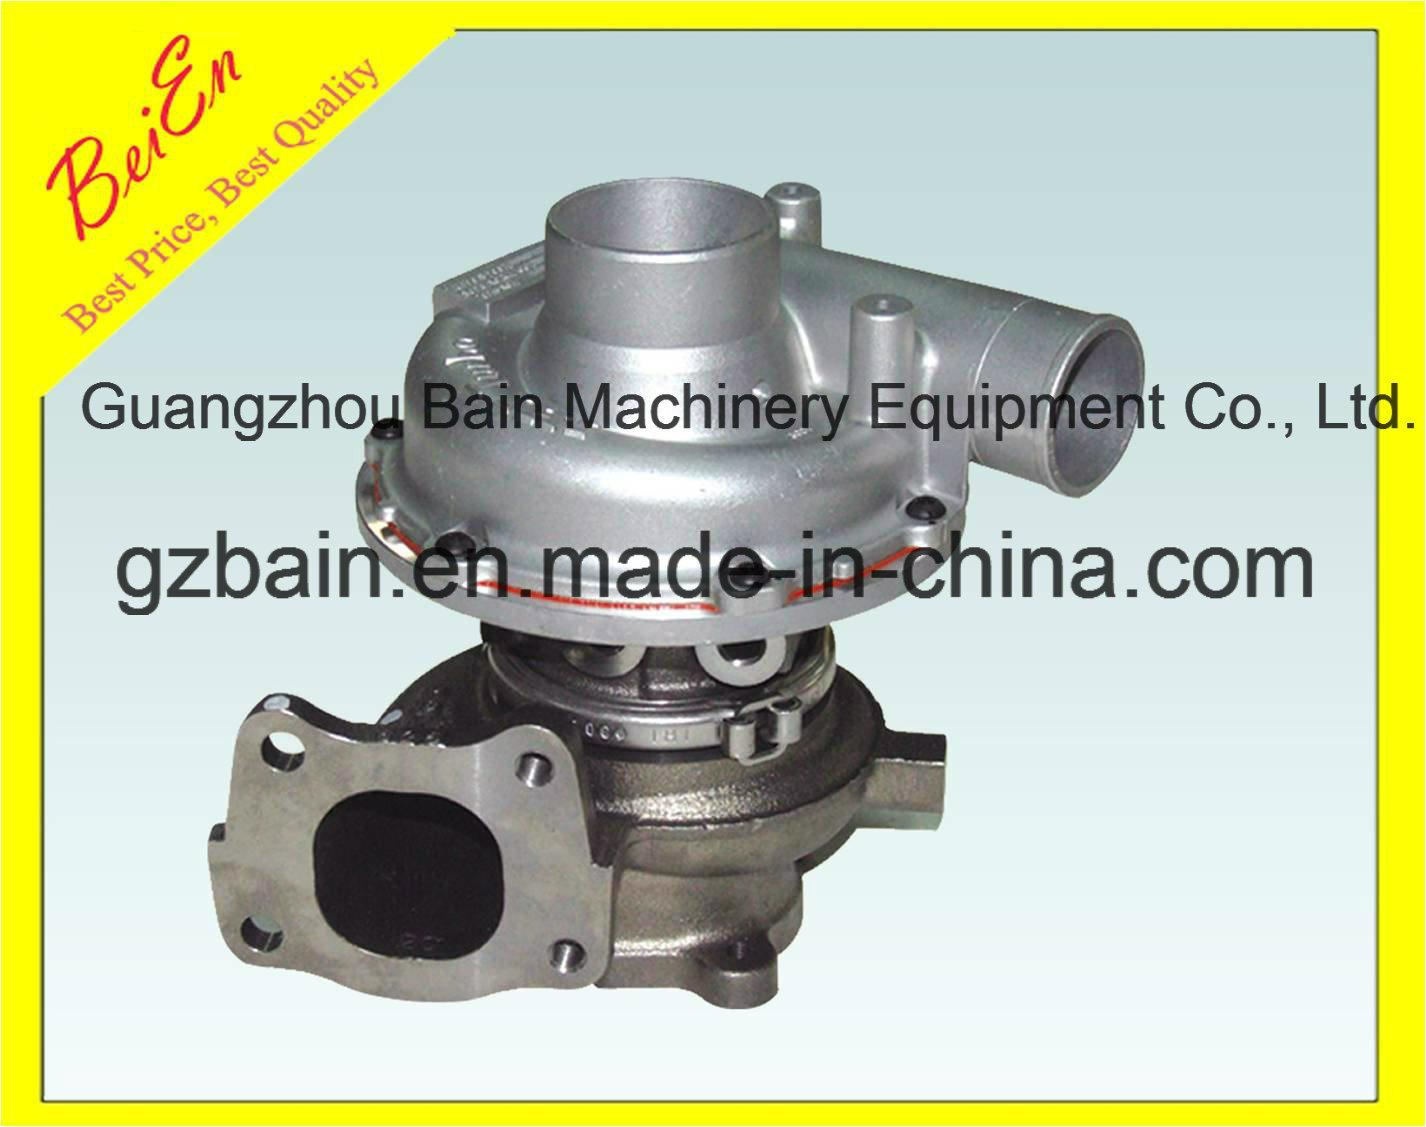 Original Ihi Turbocharger for Excavator Engine 6HK1 (Part Number: 1-14400426-1) Hot Sale